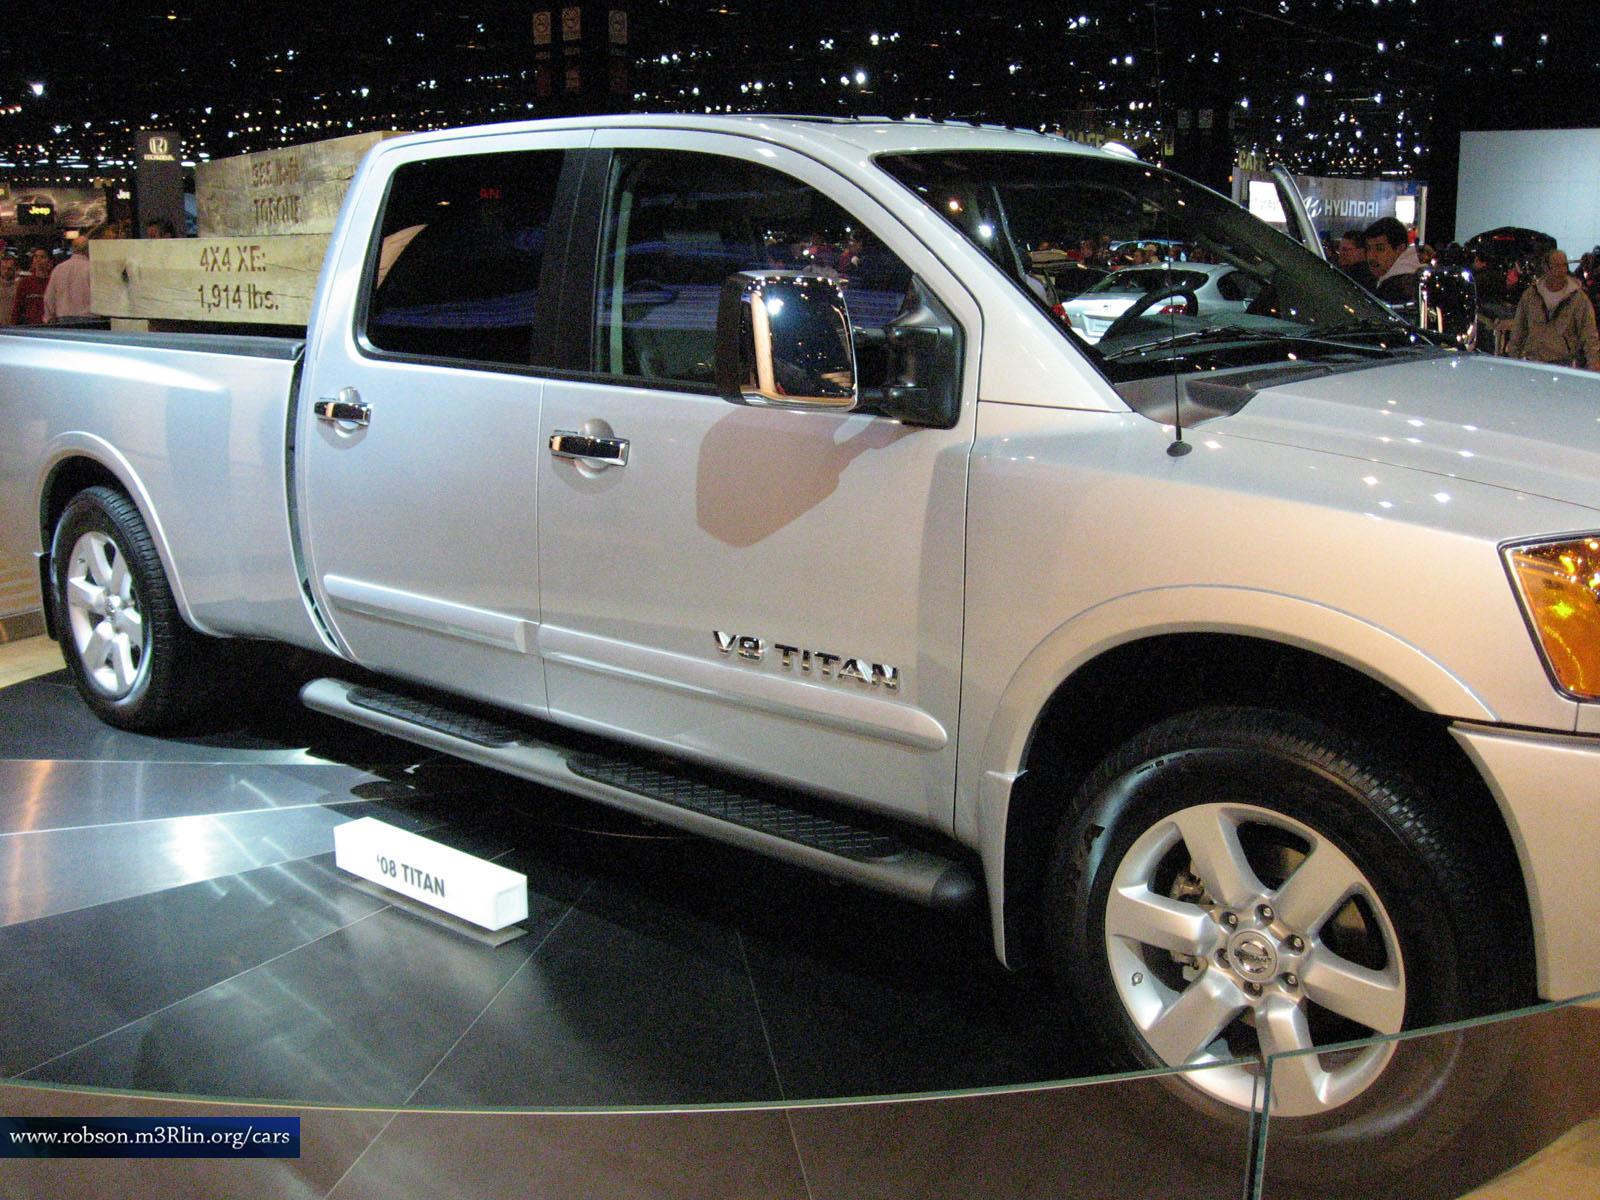 Nissan Titan SE V6 - Photos, News, Reviews, Specs, Car ...